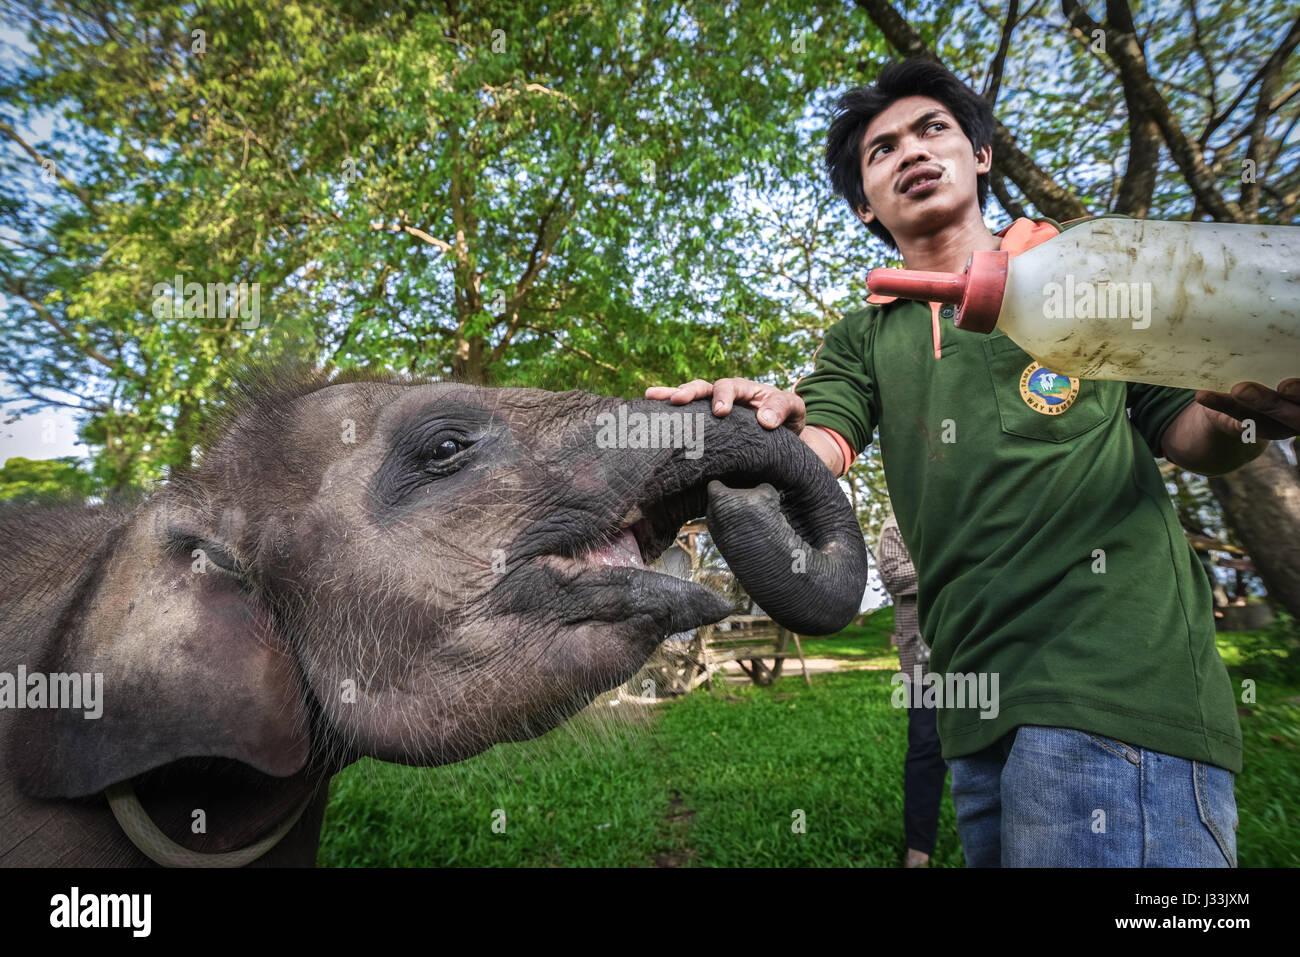 Tempo di latte per Yekti, un elefante vitello che salvò dopo trovati feriti e separato dal suo allevamento Immagini Stock